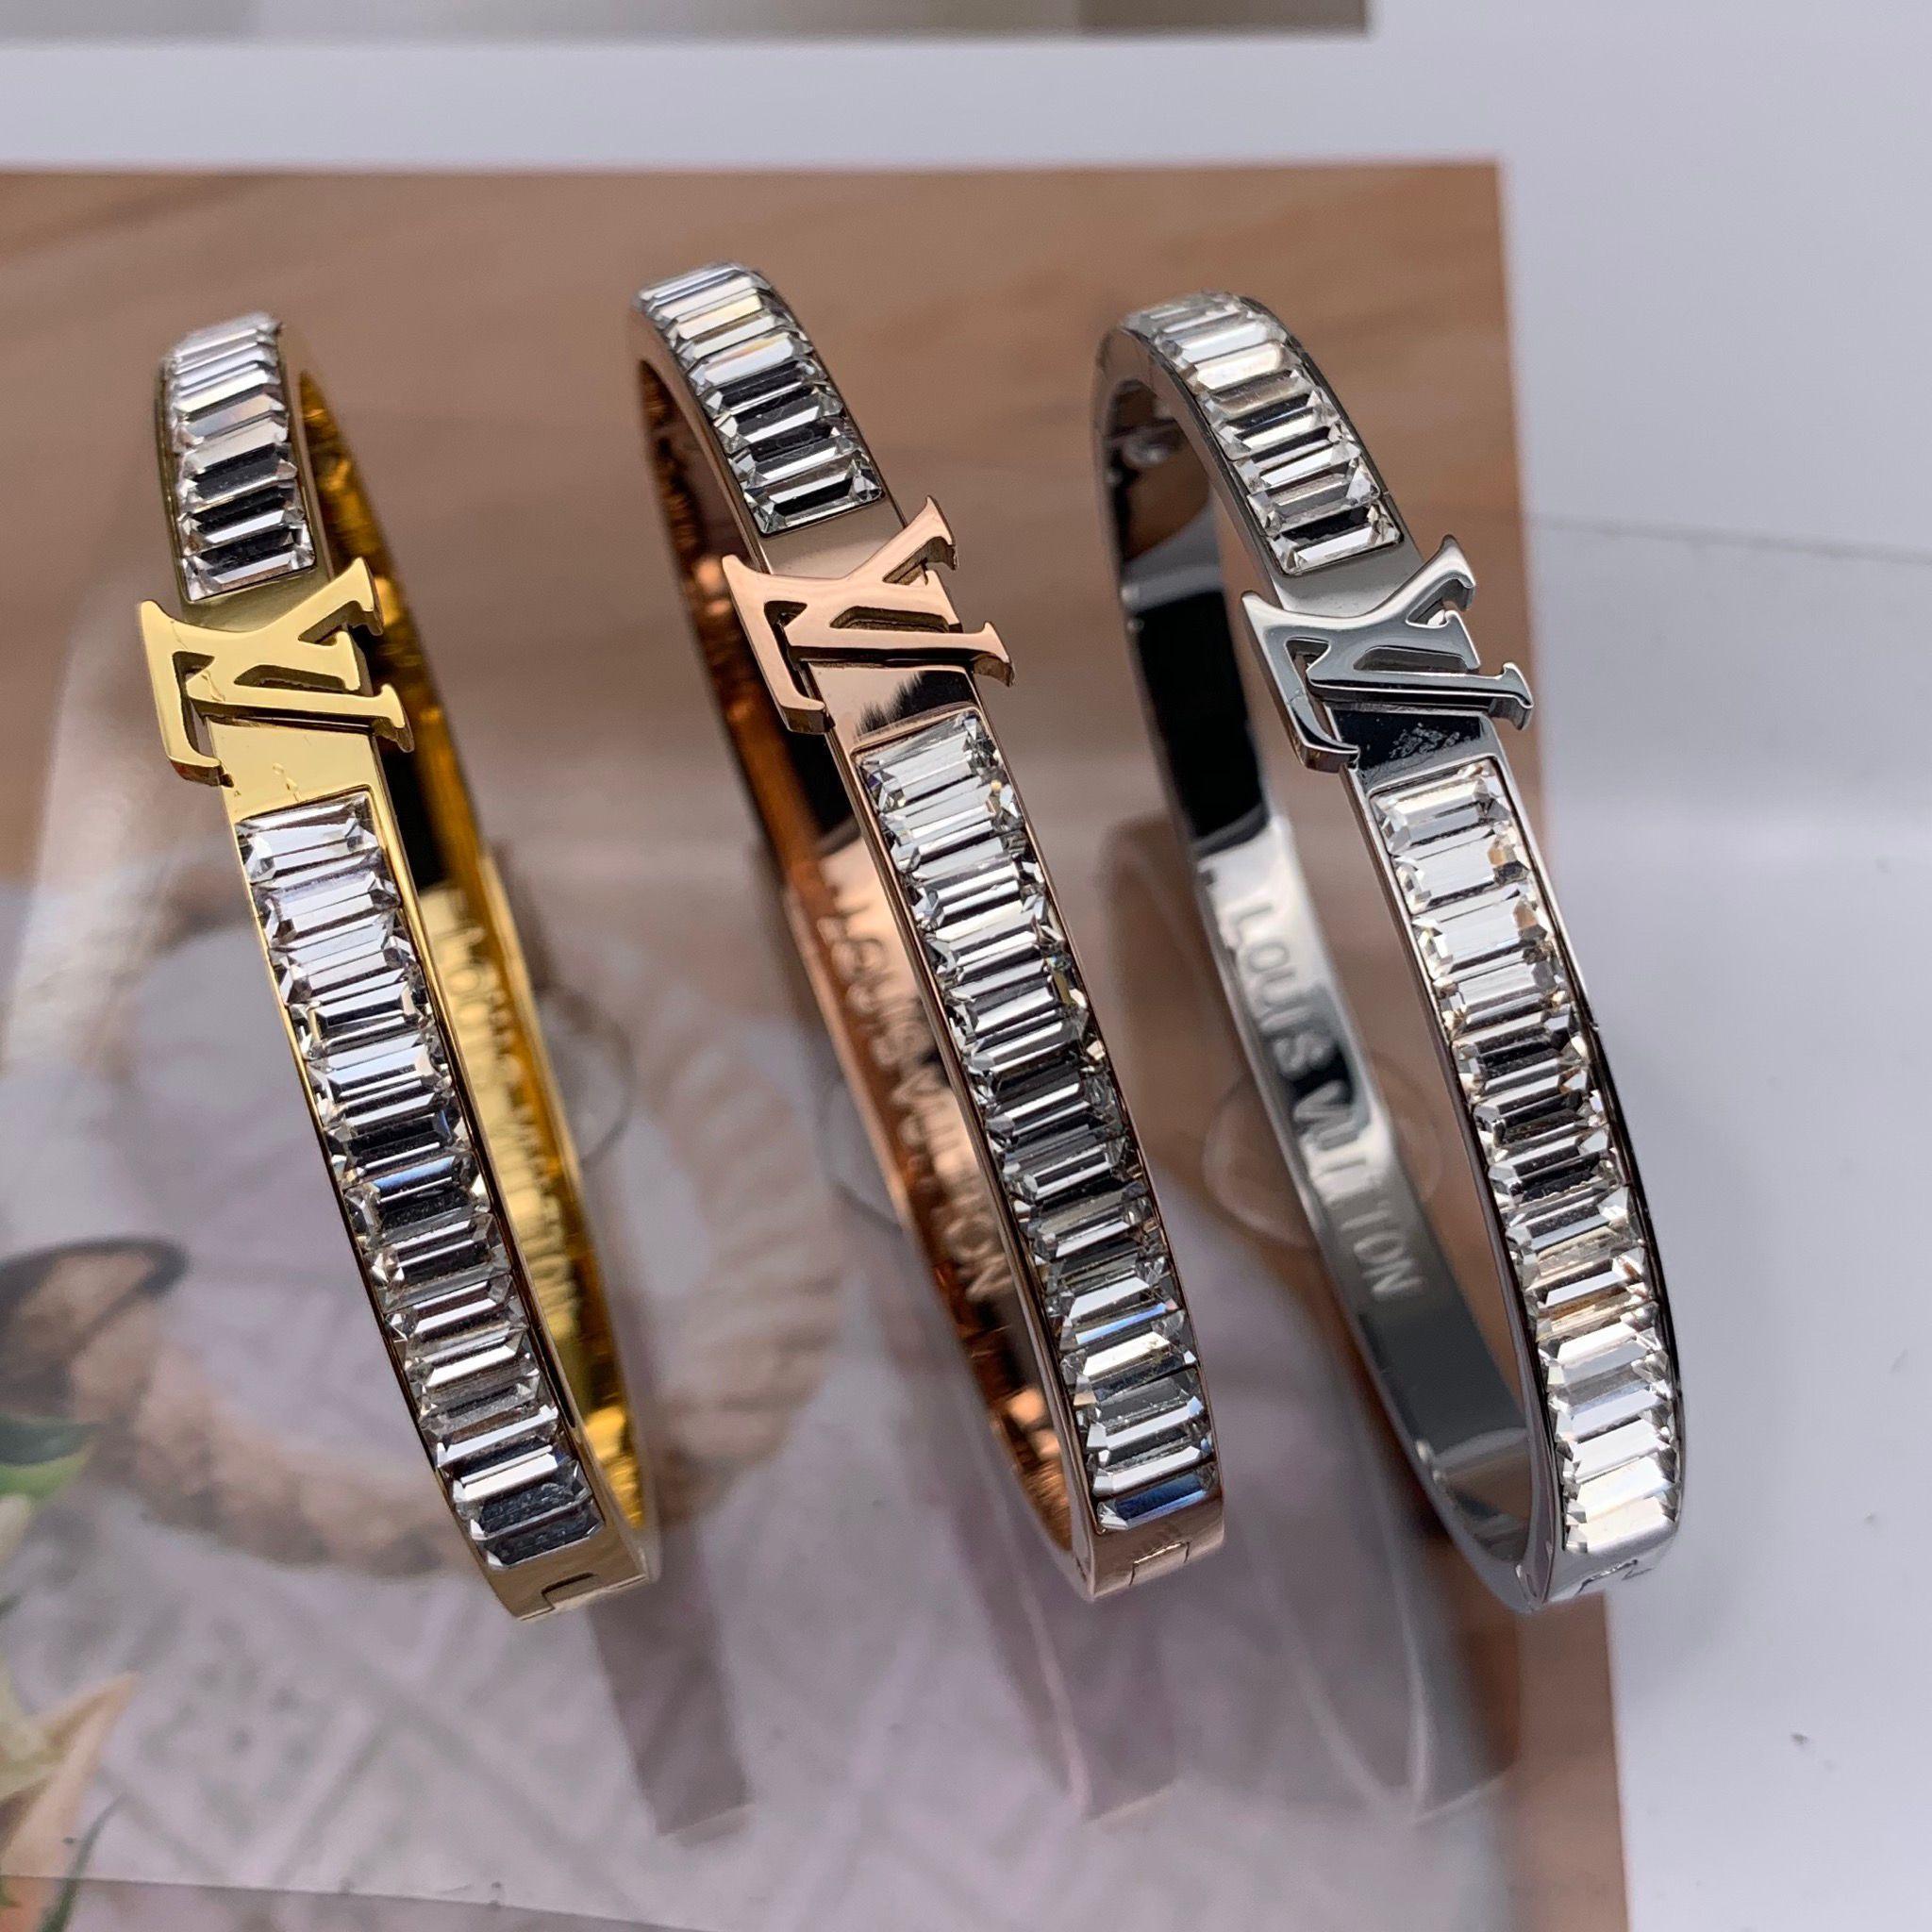 전체 다이아몬드에게 도매 316L 스테인리스 스틸 18K 금 장미 실버 여성 문자 웨딩 쥬얼리 화이트 크리스탈의 매력 사랑의 팔찌를 빠지지 않을